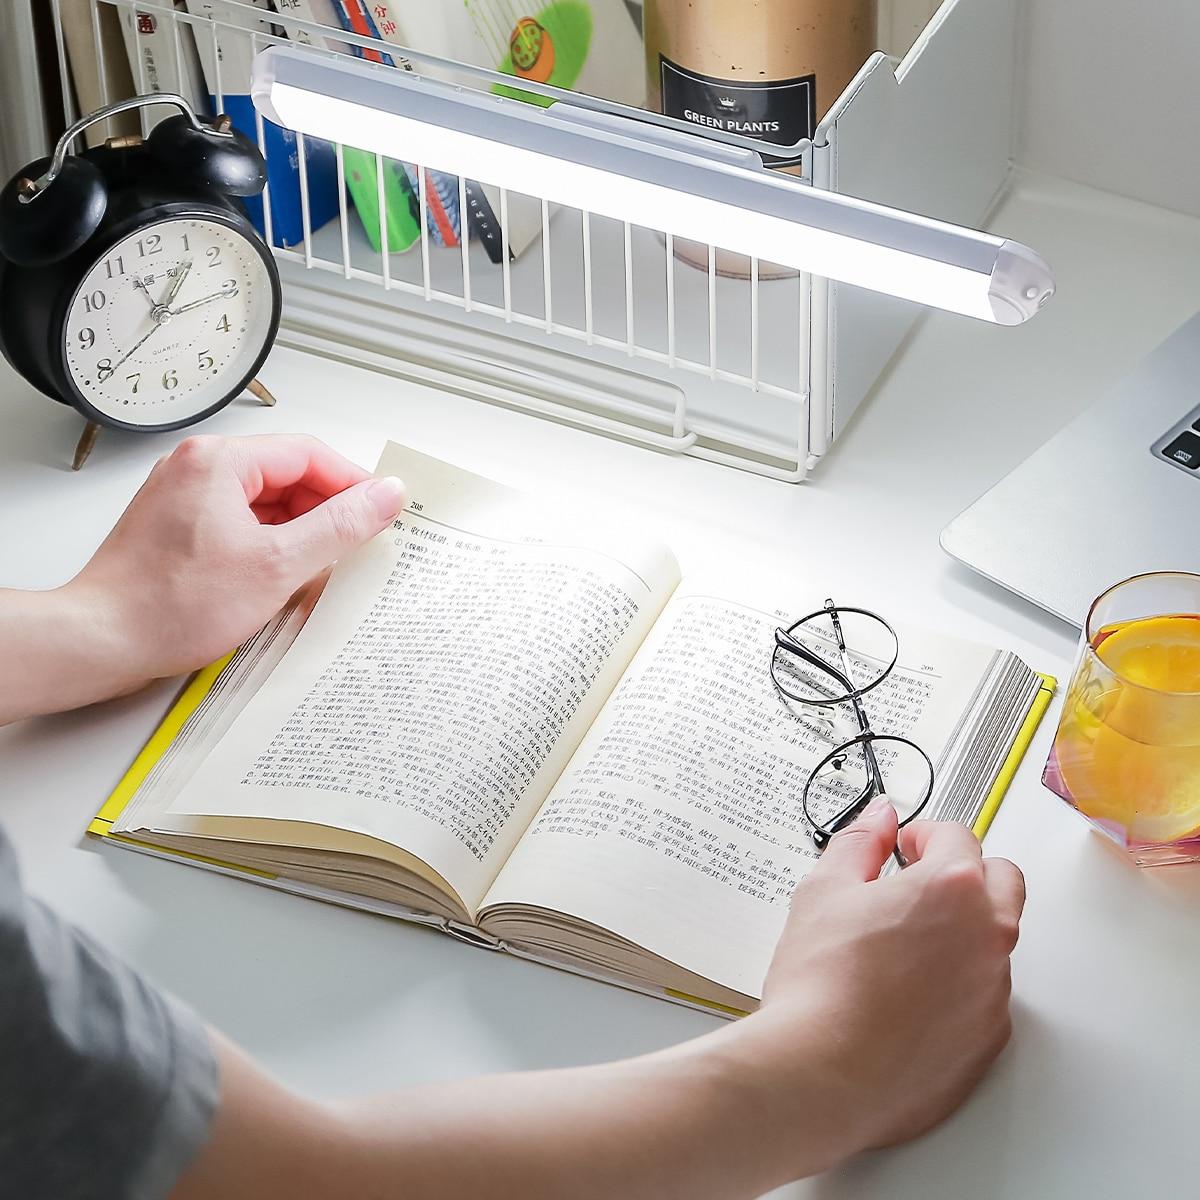 Manyetik LED masa lambası LED gece lambası şarj edilebilir kademesiz karartma dolap ışığı gece lambası dolap dolap yatak odası dekoru